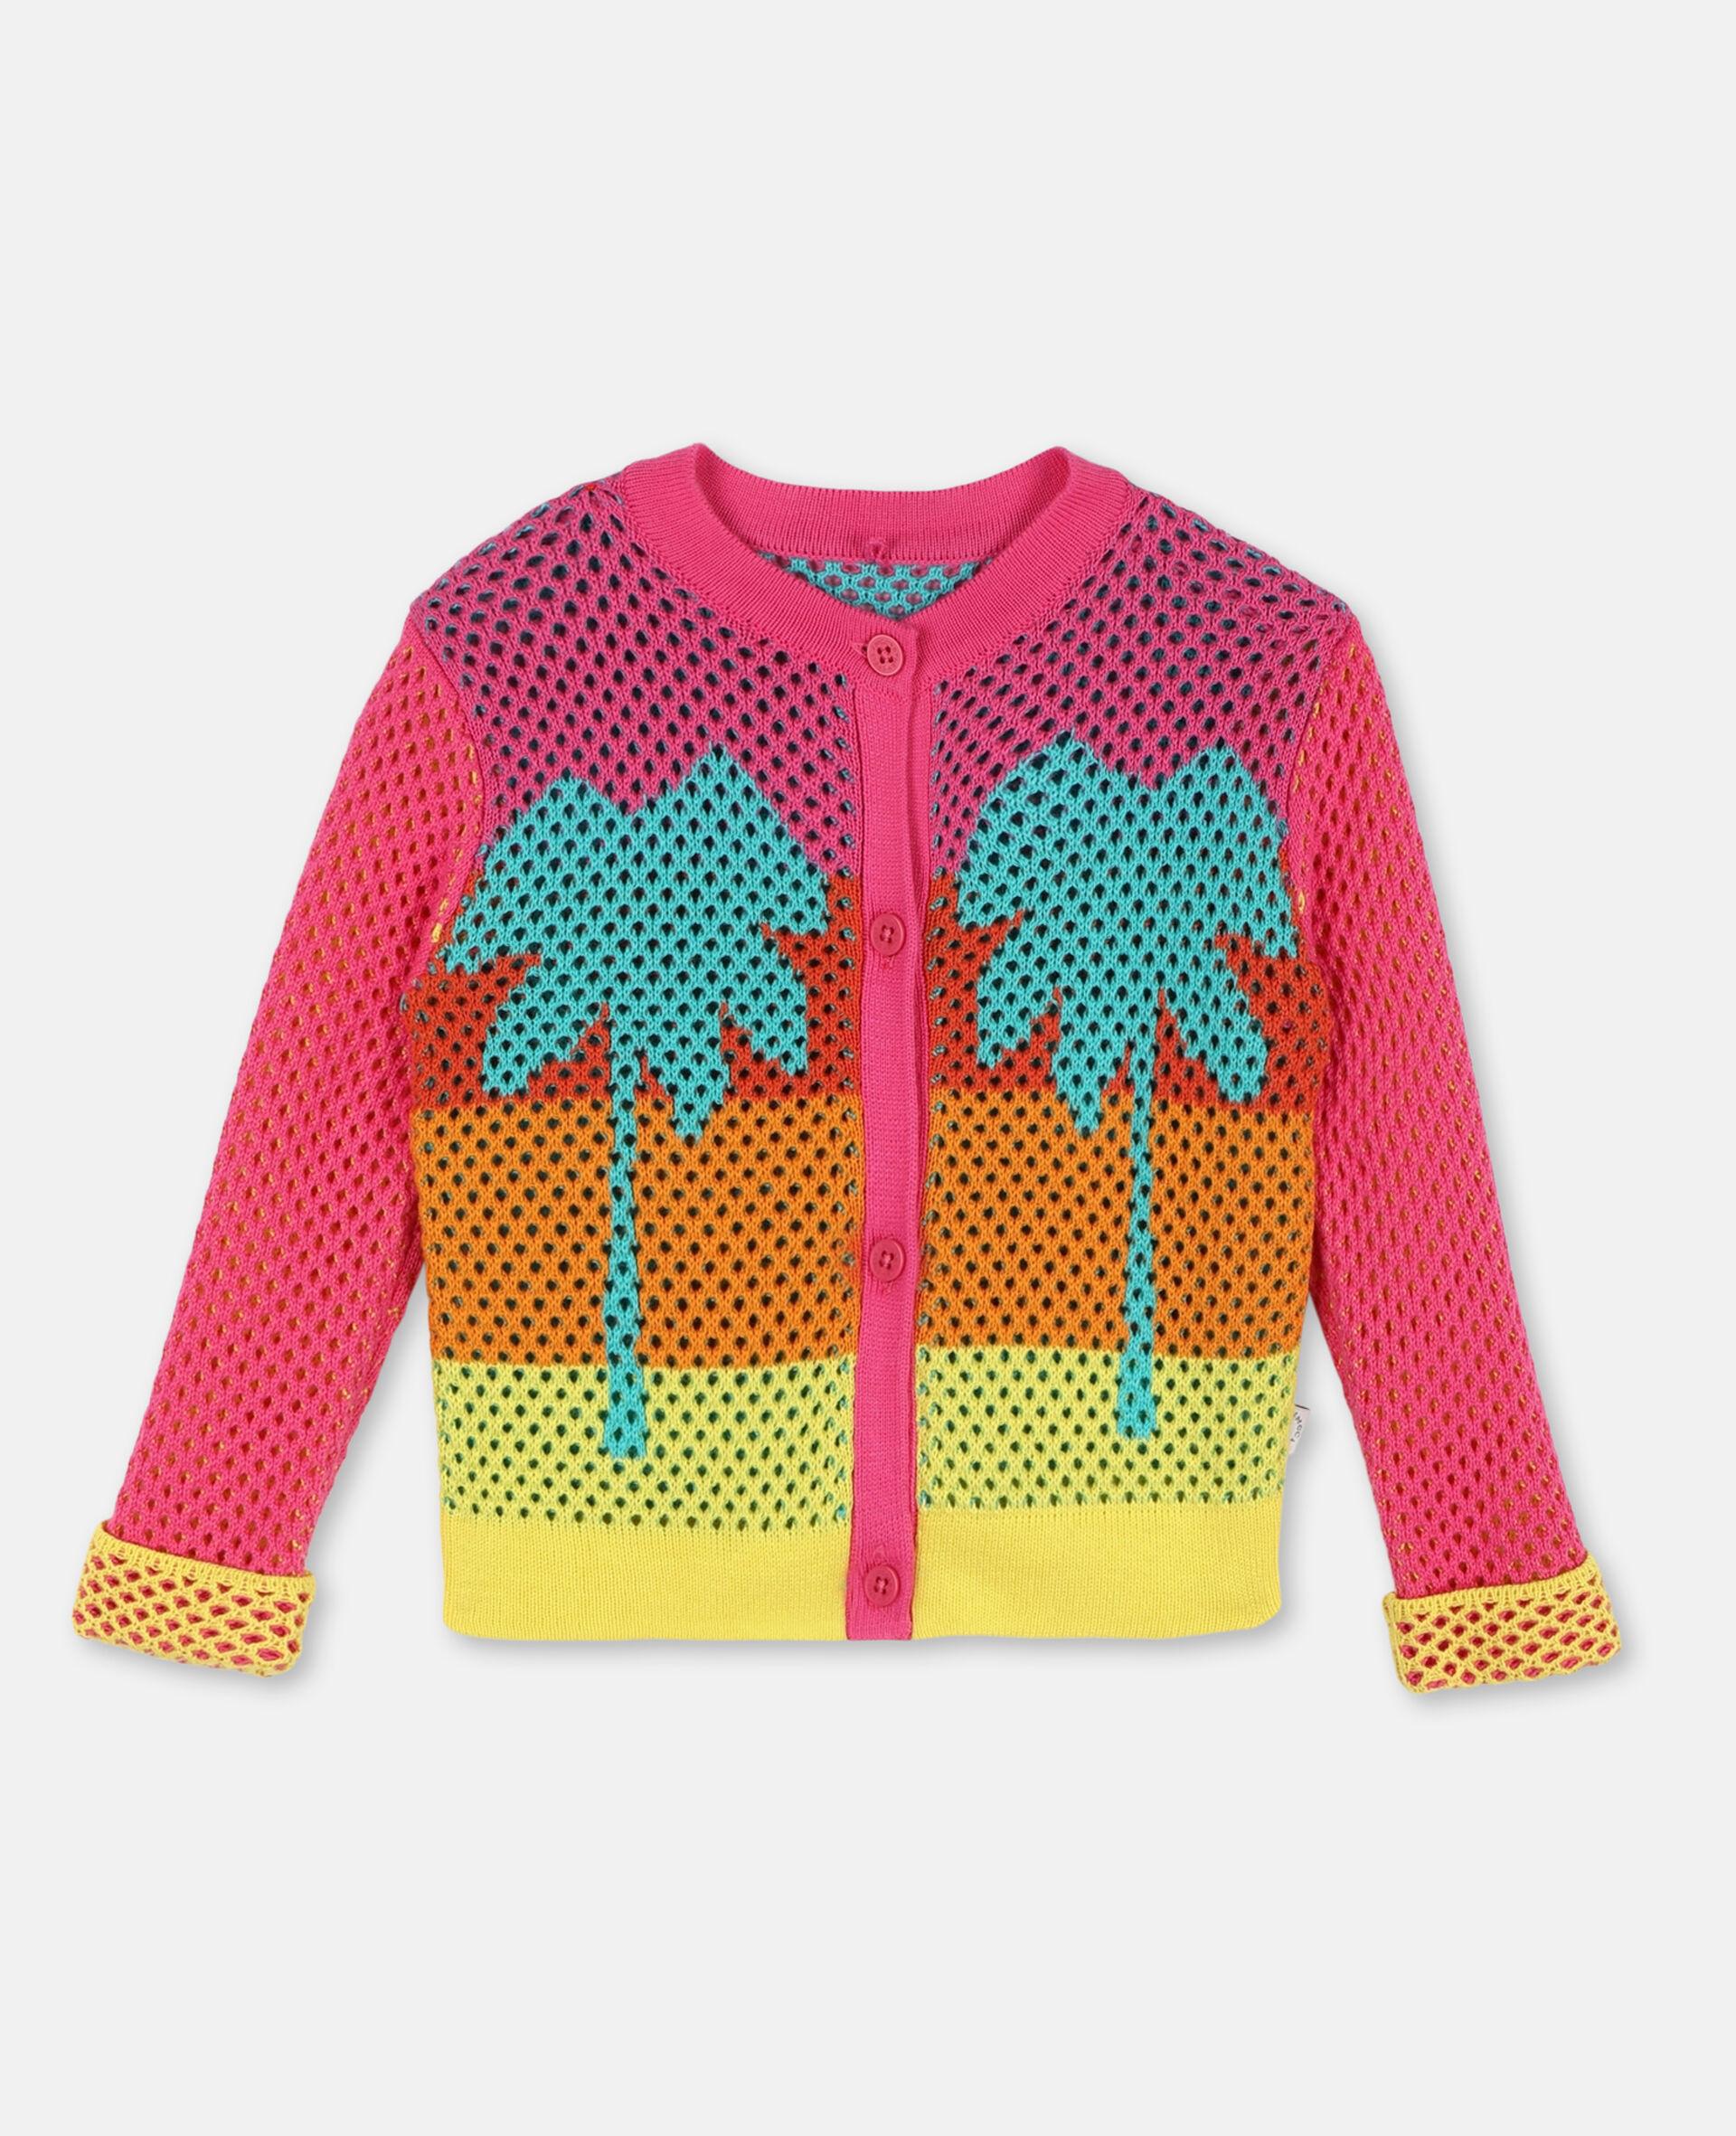 Jacke aus Baumwollmesh mit Intarsien-Bunt-large image number 0